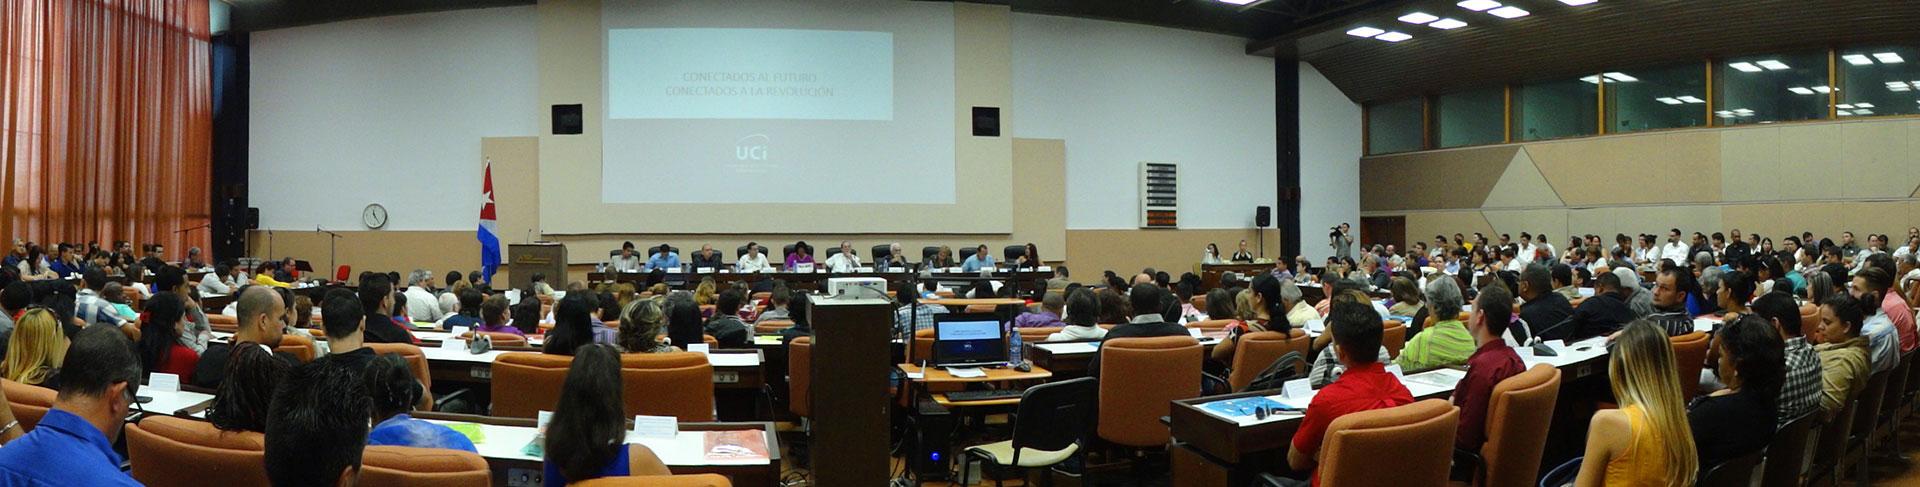 Claustro de profesores de la Universidad de las Ciencias Informáticas UCI